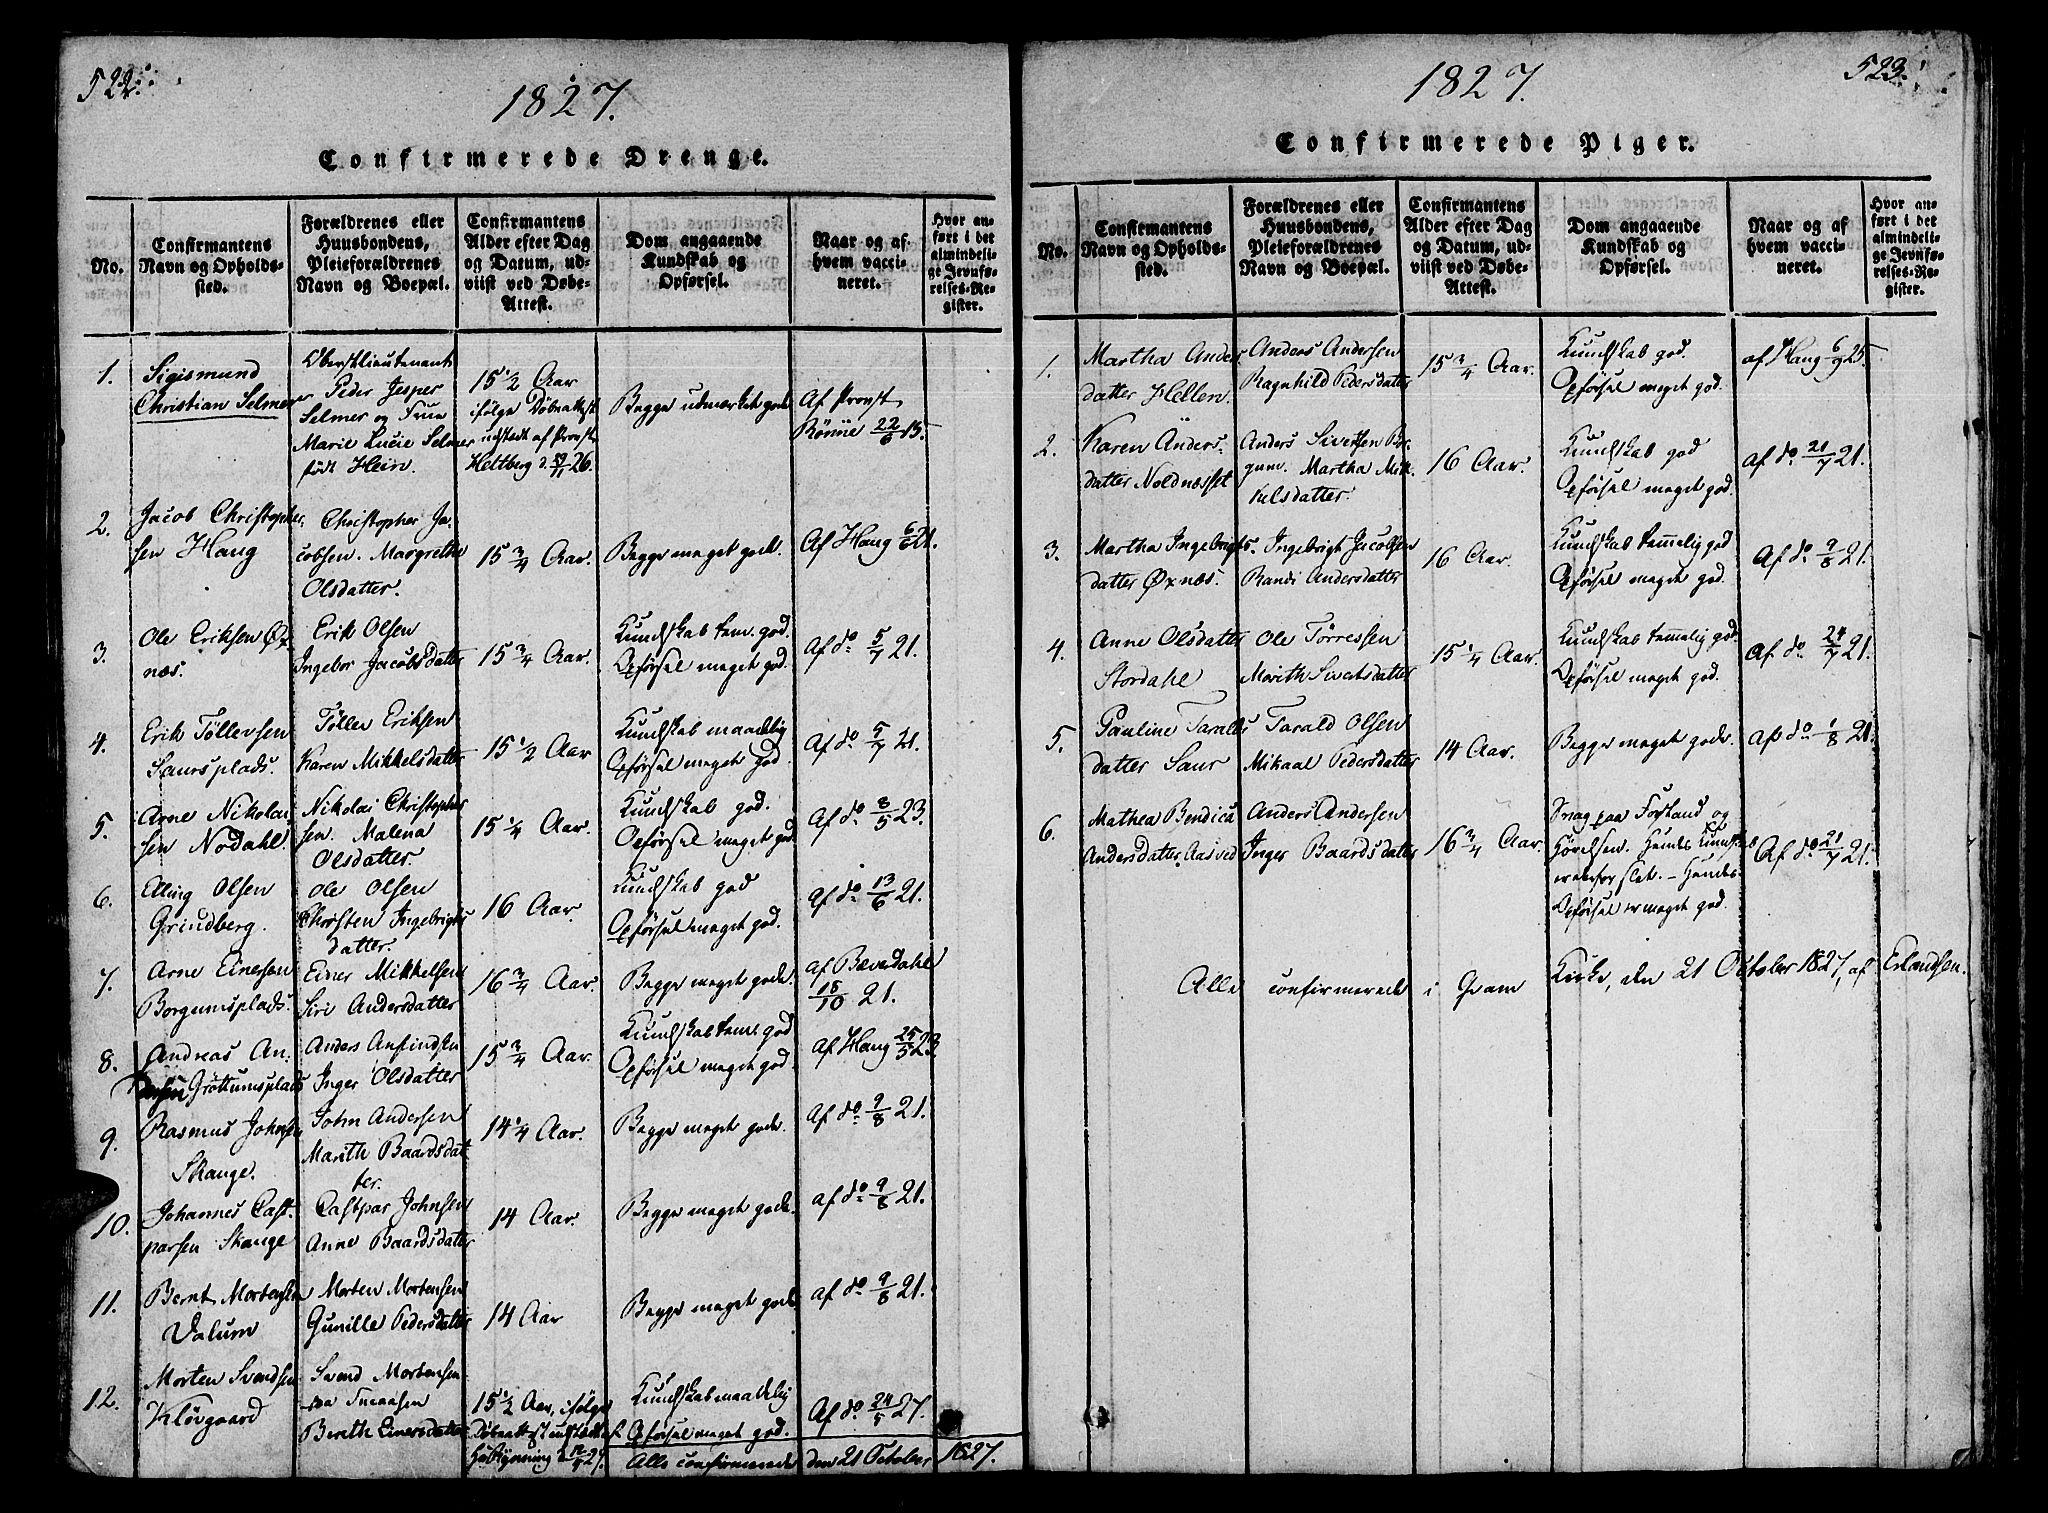 SAT, Ministerialprotokoller, klokkerbøker og fødselsregistre - Nord-Trøndelag, 746/L0441: Ministerialbok nr. 746A03 /2, 1816-1827, s. 522-523